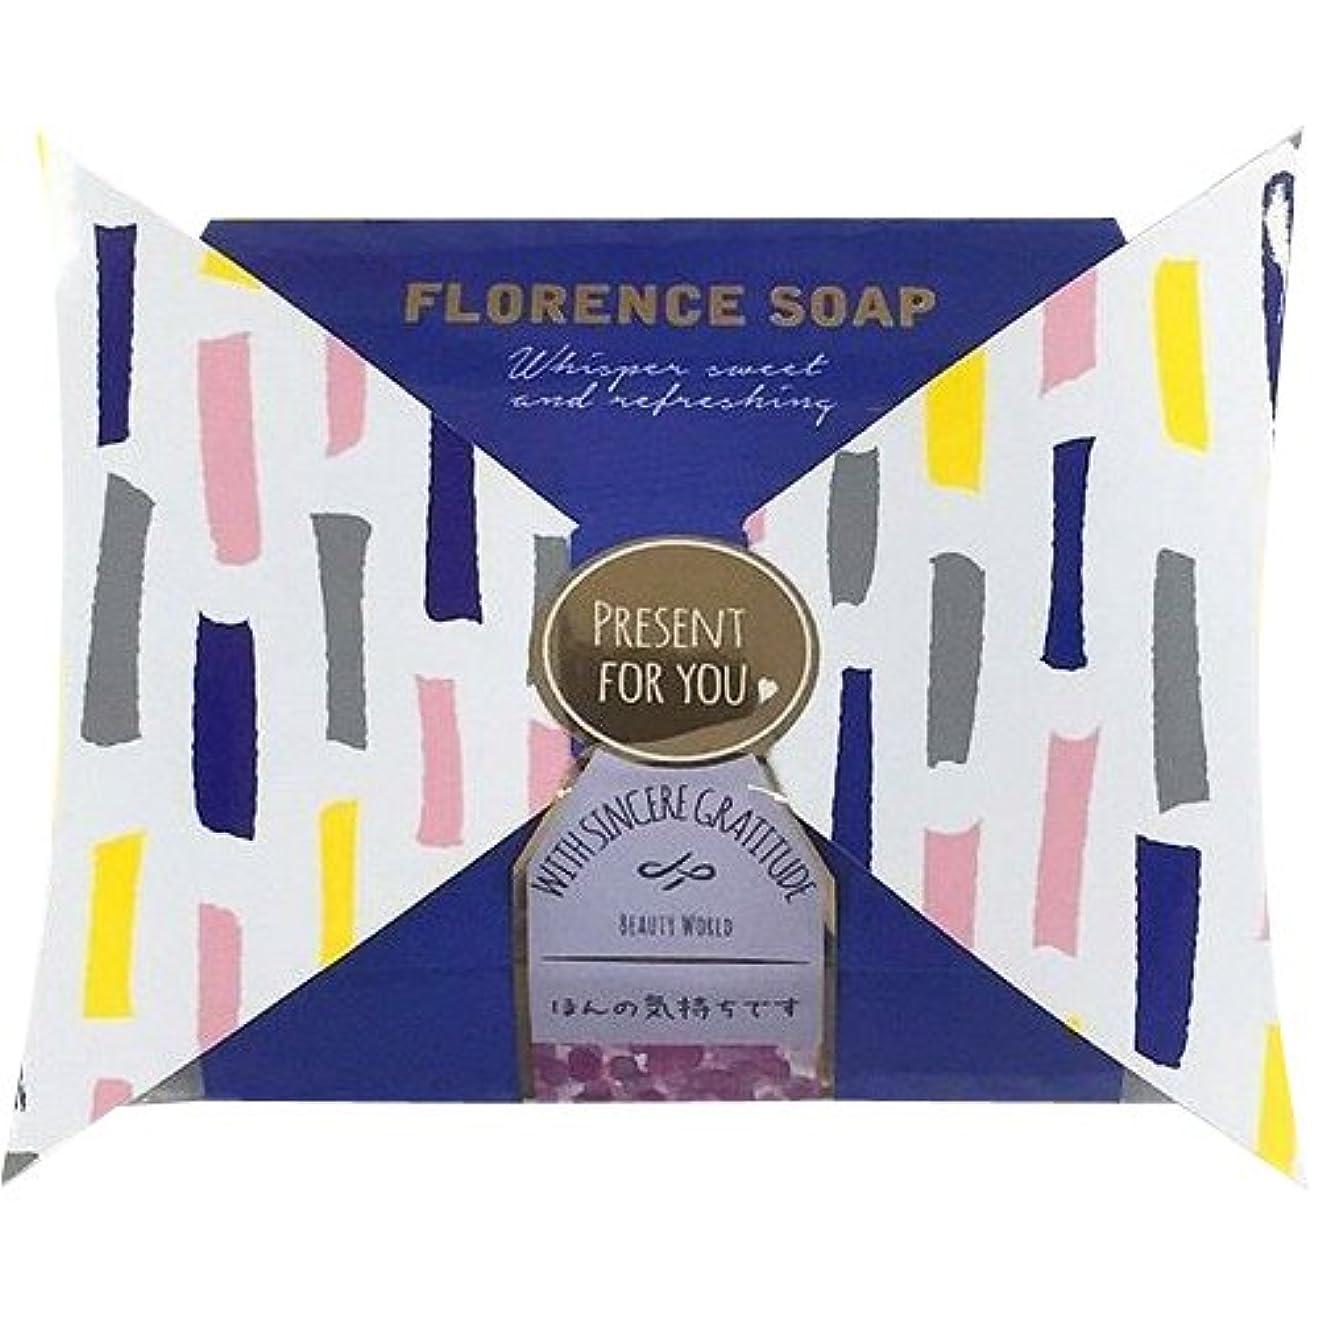 退屈スケートアソシエイトBW フローレンスの香り石けん リボンパッケージ FSP385 甘く爽やかなささやき (35g)